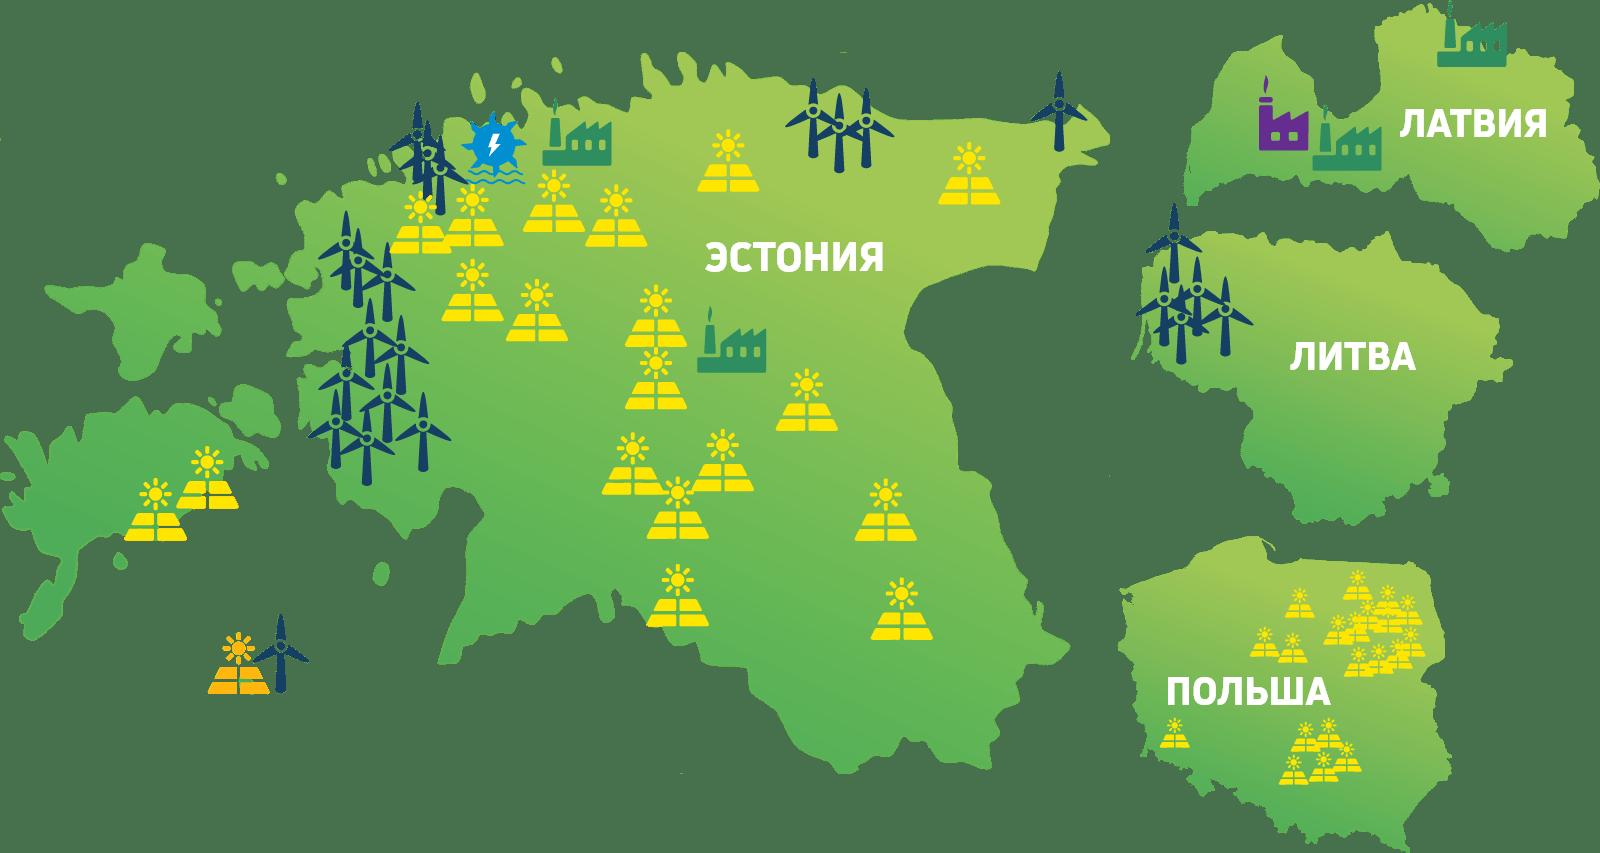 Сегодня мы производим возобновляемую энергию в Эстонии, Латвии, Литве и Польше